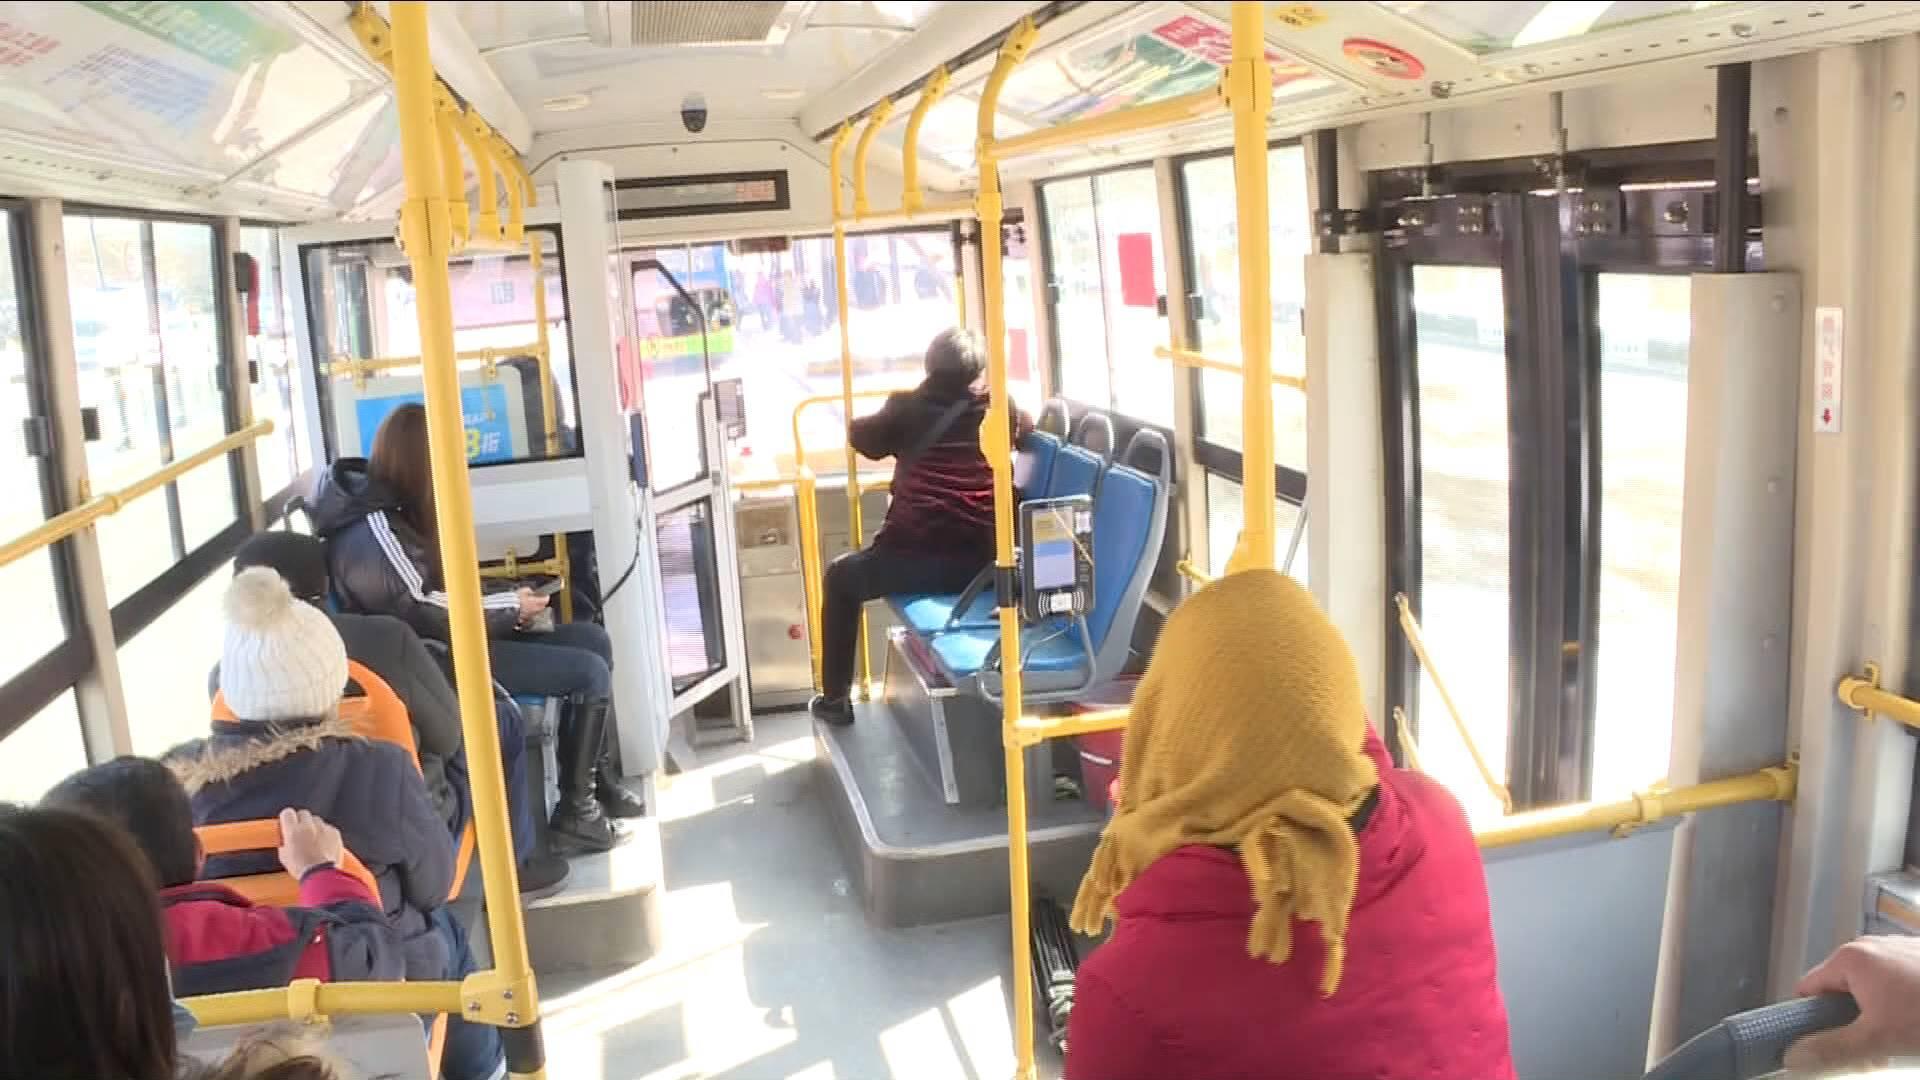 暖心!公交车上一男子突然晕倒 司机乘客合力救援